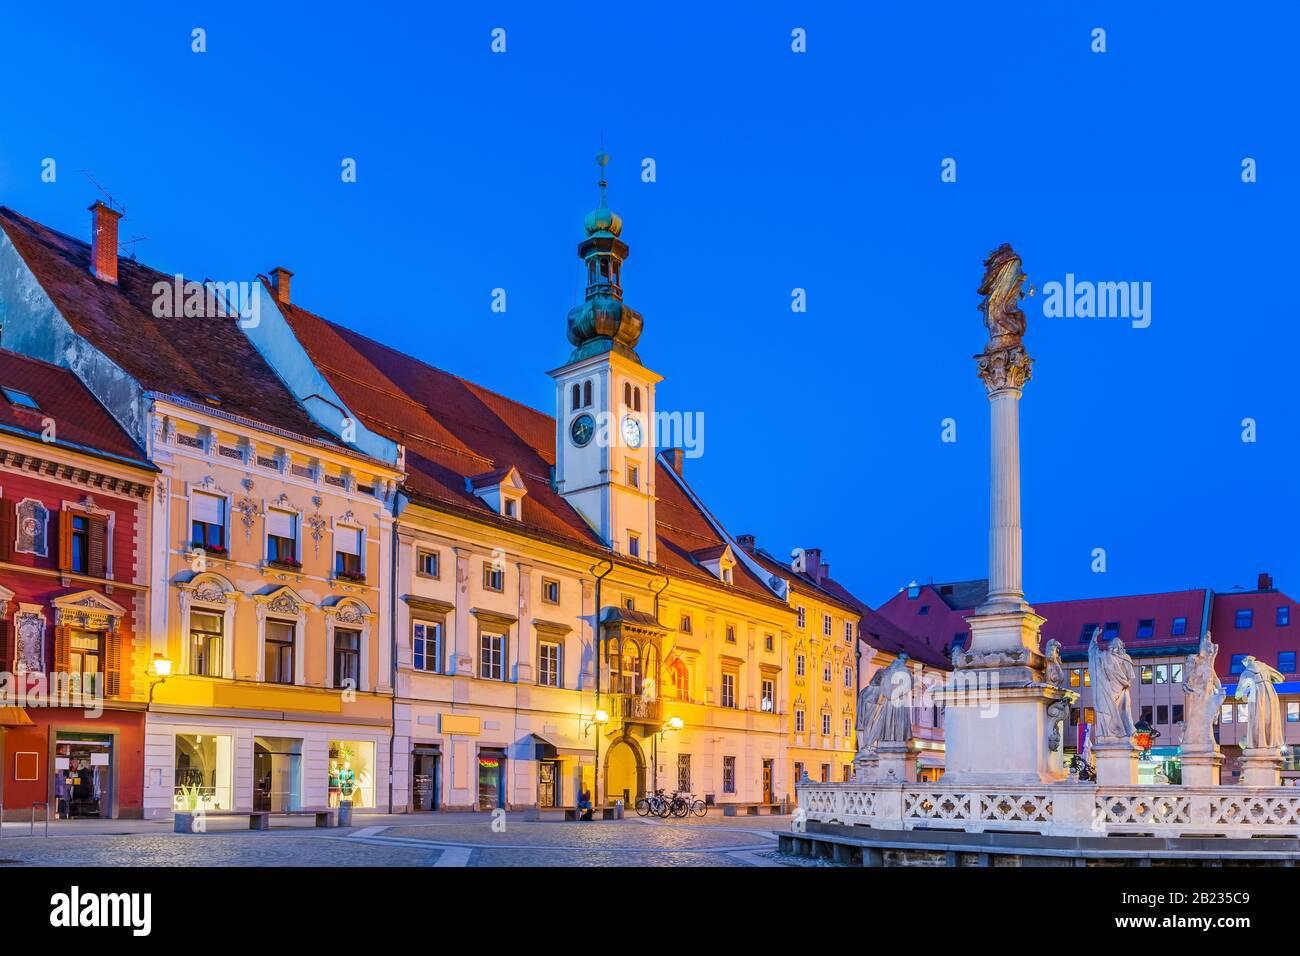 Ayuntamiento y Monumento a la peste en la Plaza Principal de Maribor, Eslovenia. Foto de stock